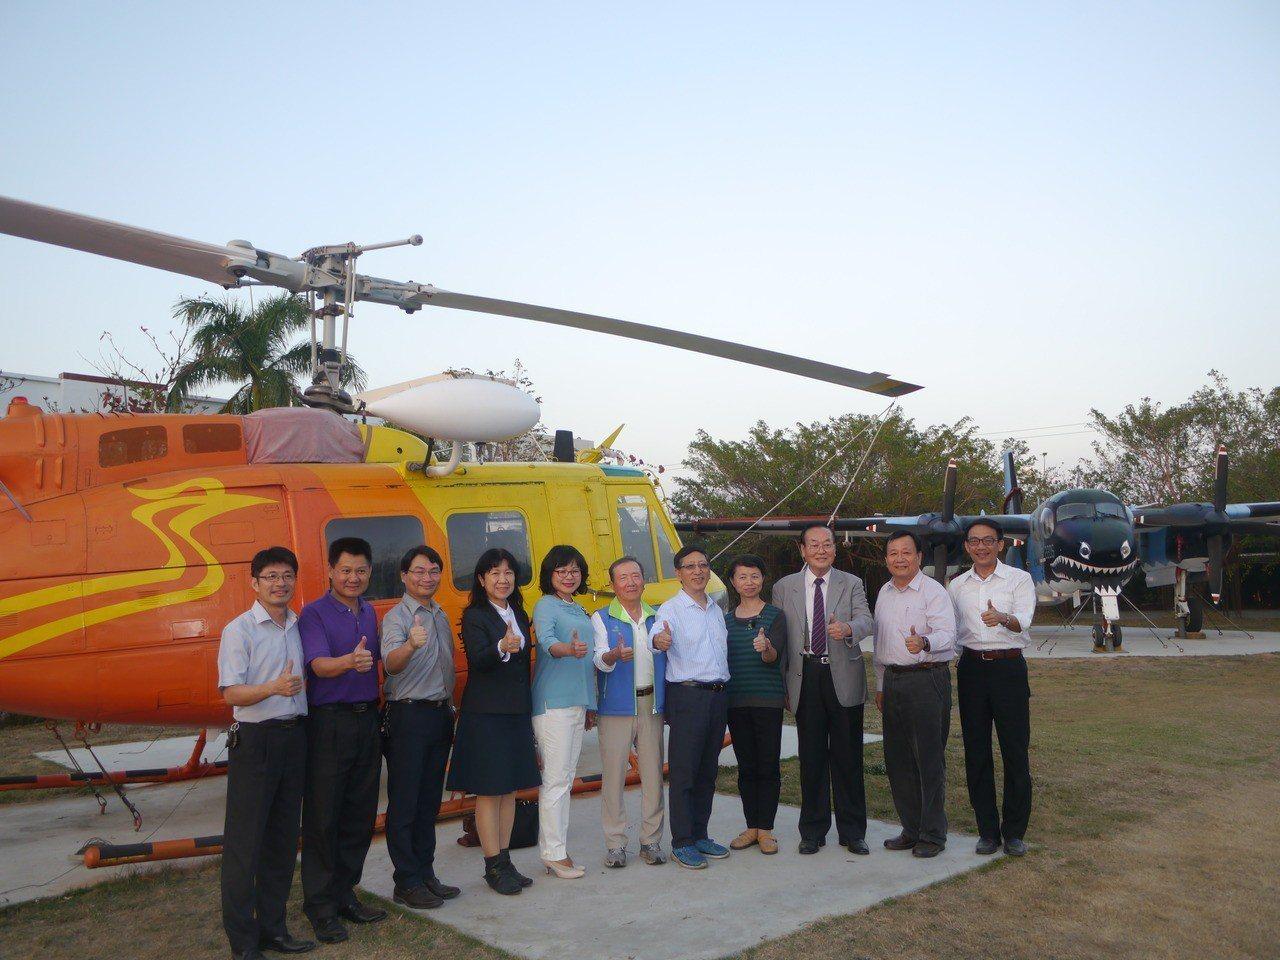 華德工家的校園有兩架退役飛機,參訪人員選在空勤總隊贈送的UH1H直昇機前合影。記...